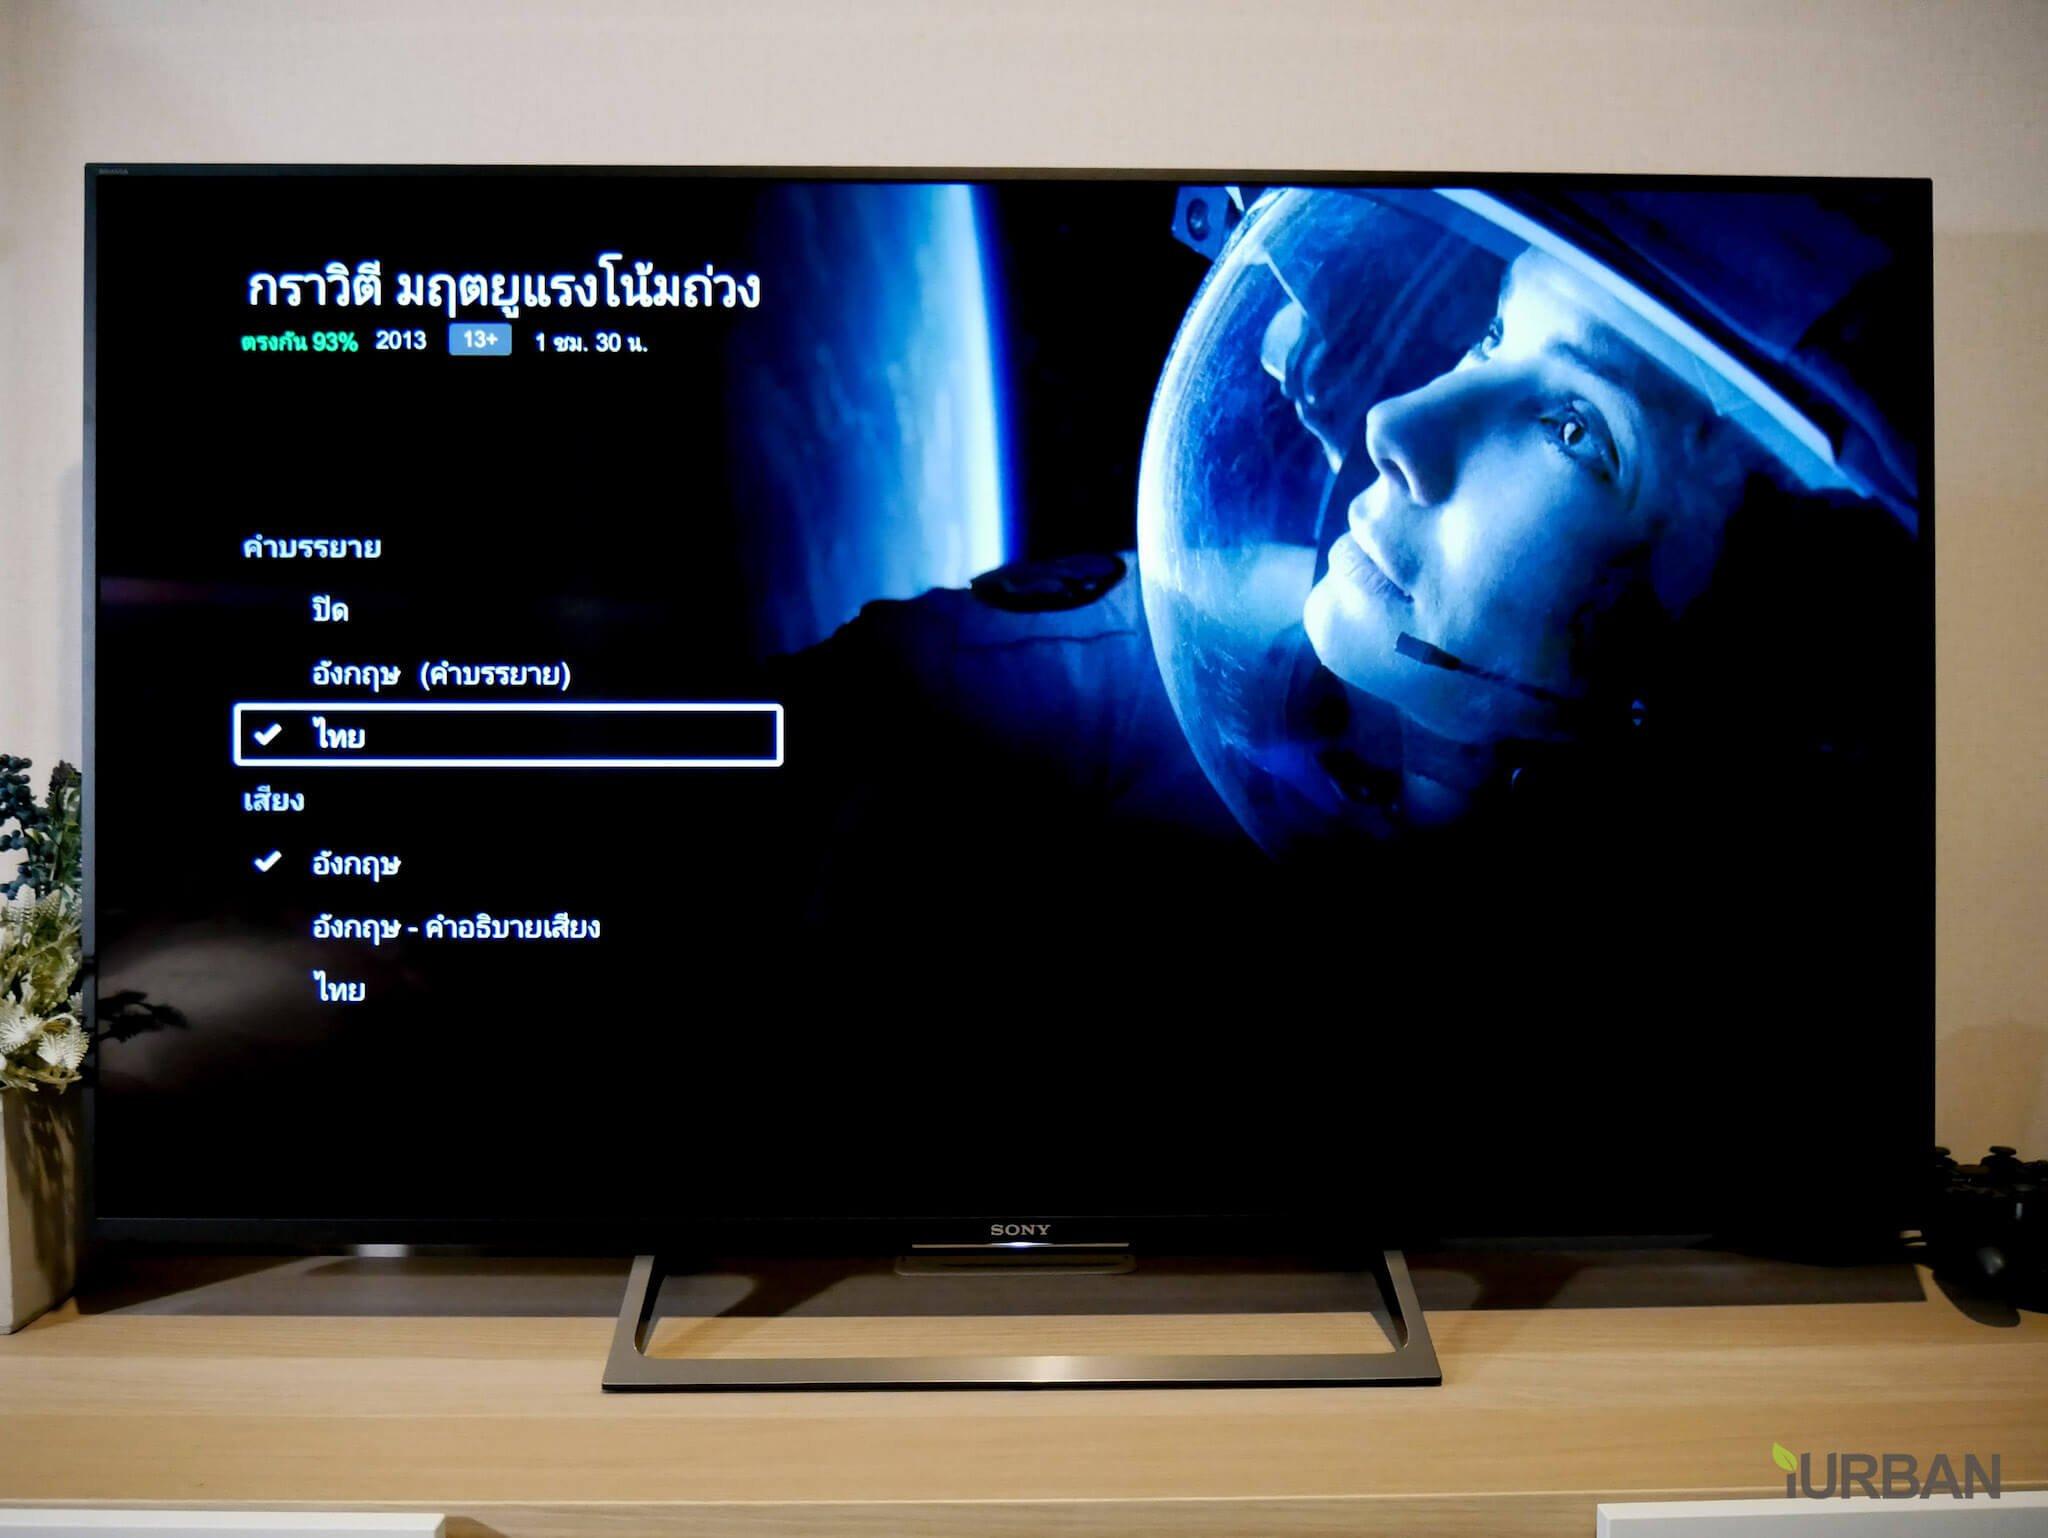 SONY X8500E 4K-HDR Android TV นวัตกรรมที่จะเปลี่ยนชีวิตกับทีวี ให้ไม่เหมือนเดิมอีกต่อไป 65 - Android